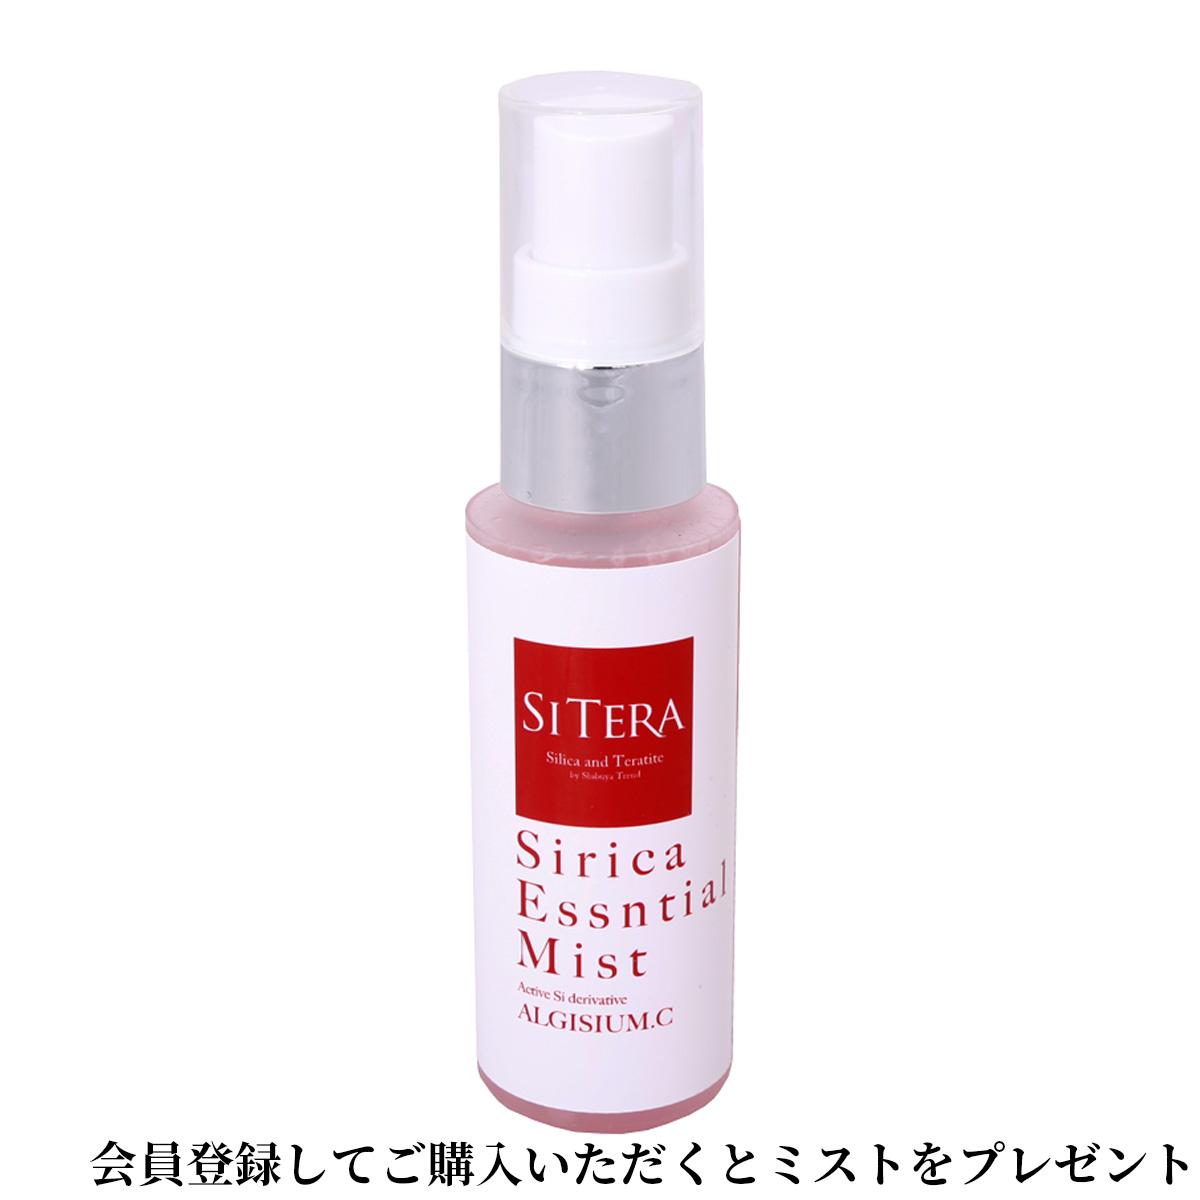 美顔器 | SITERA403 (シテラ) テラヘルツ波